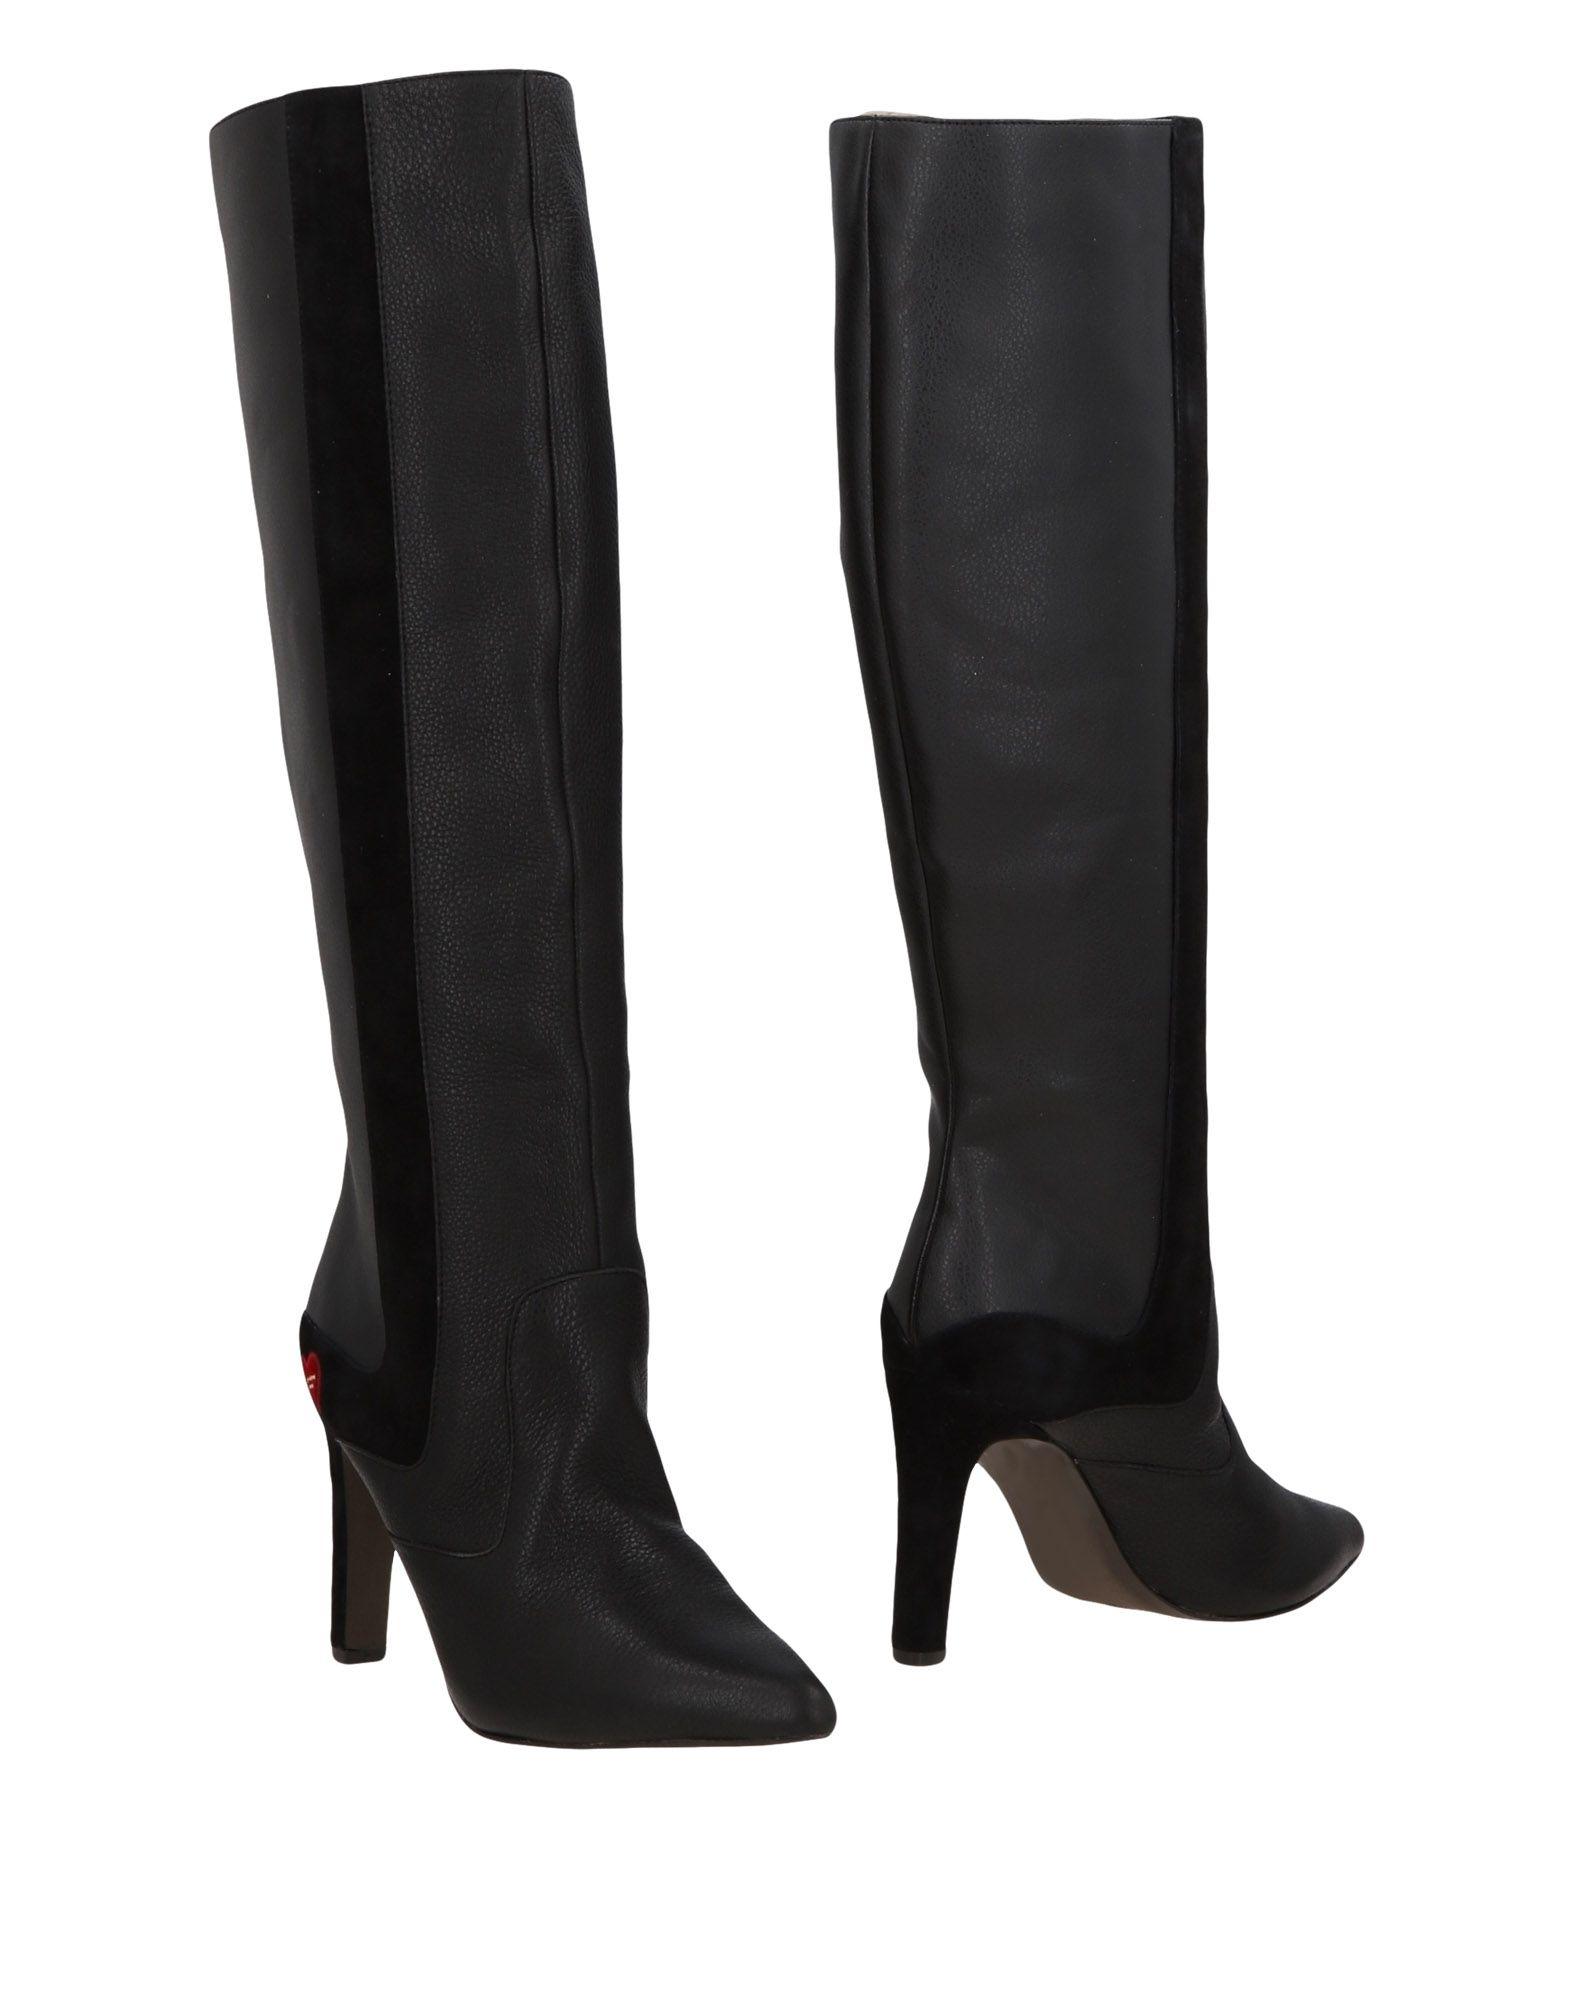 scarpe da ginnastica a buon mercato 521a9 b1ed3 Stivali Fornarina Donna - Acquista online su YOOX - 11476694MS